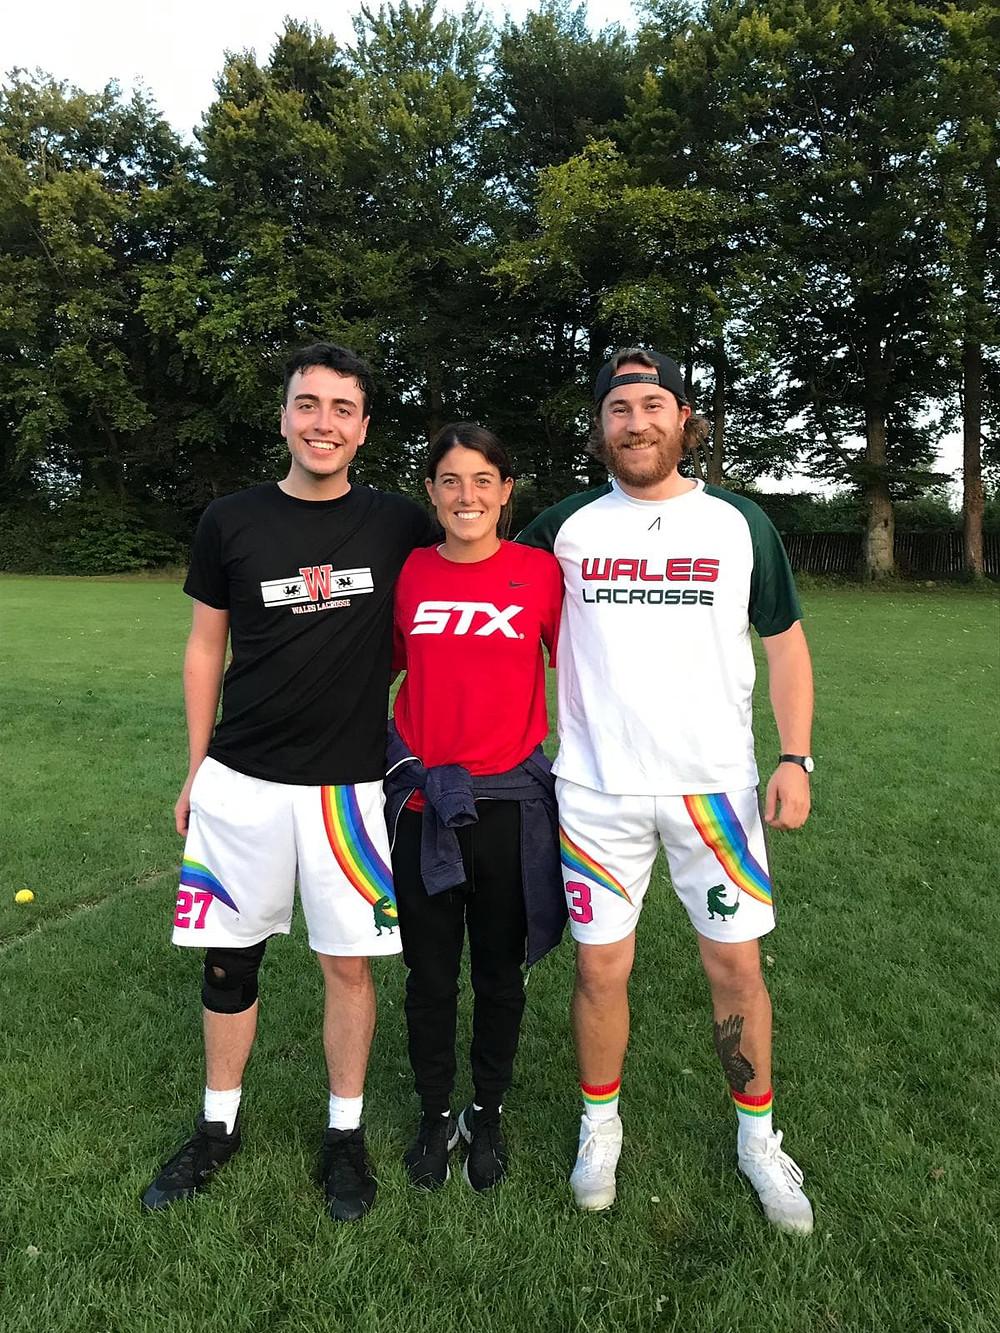 Rainbow Rex Lacrosse